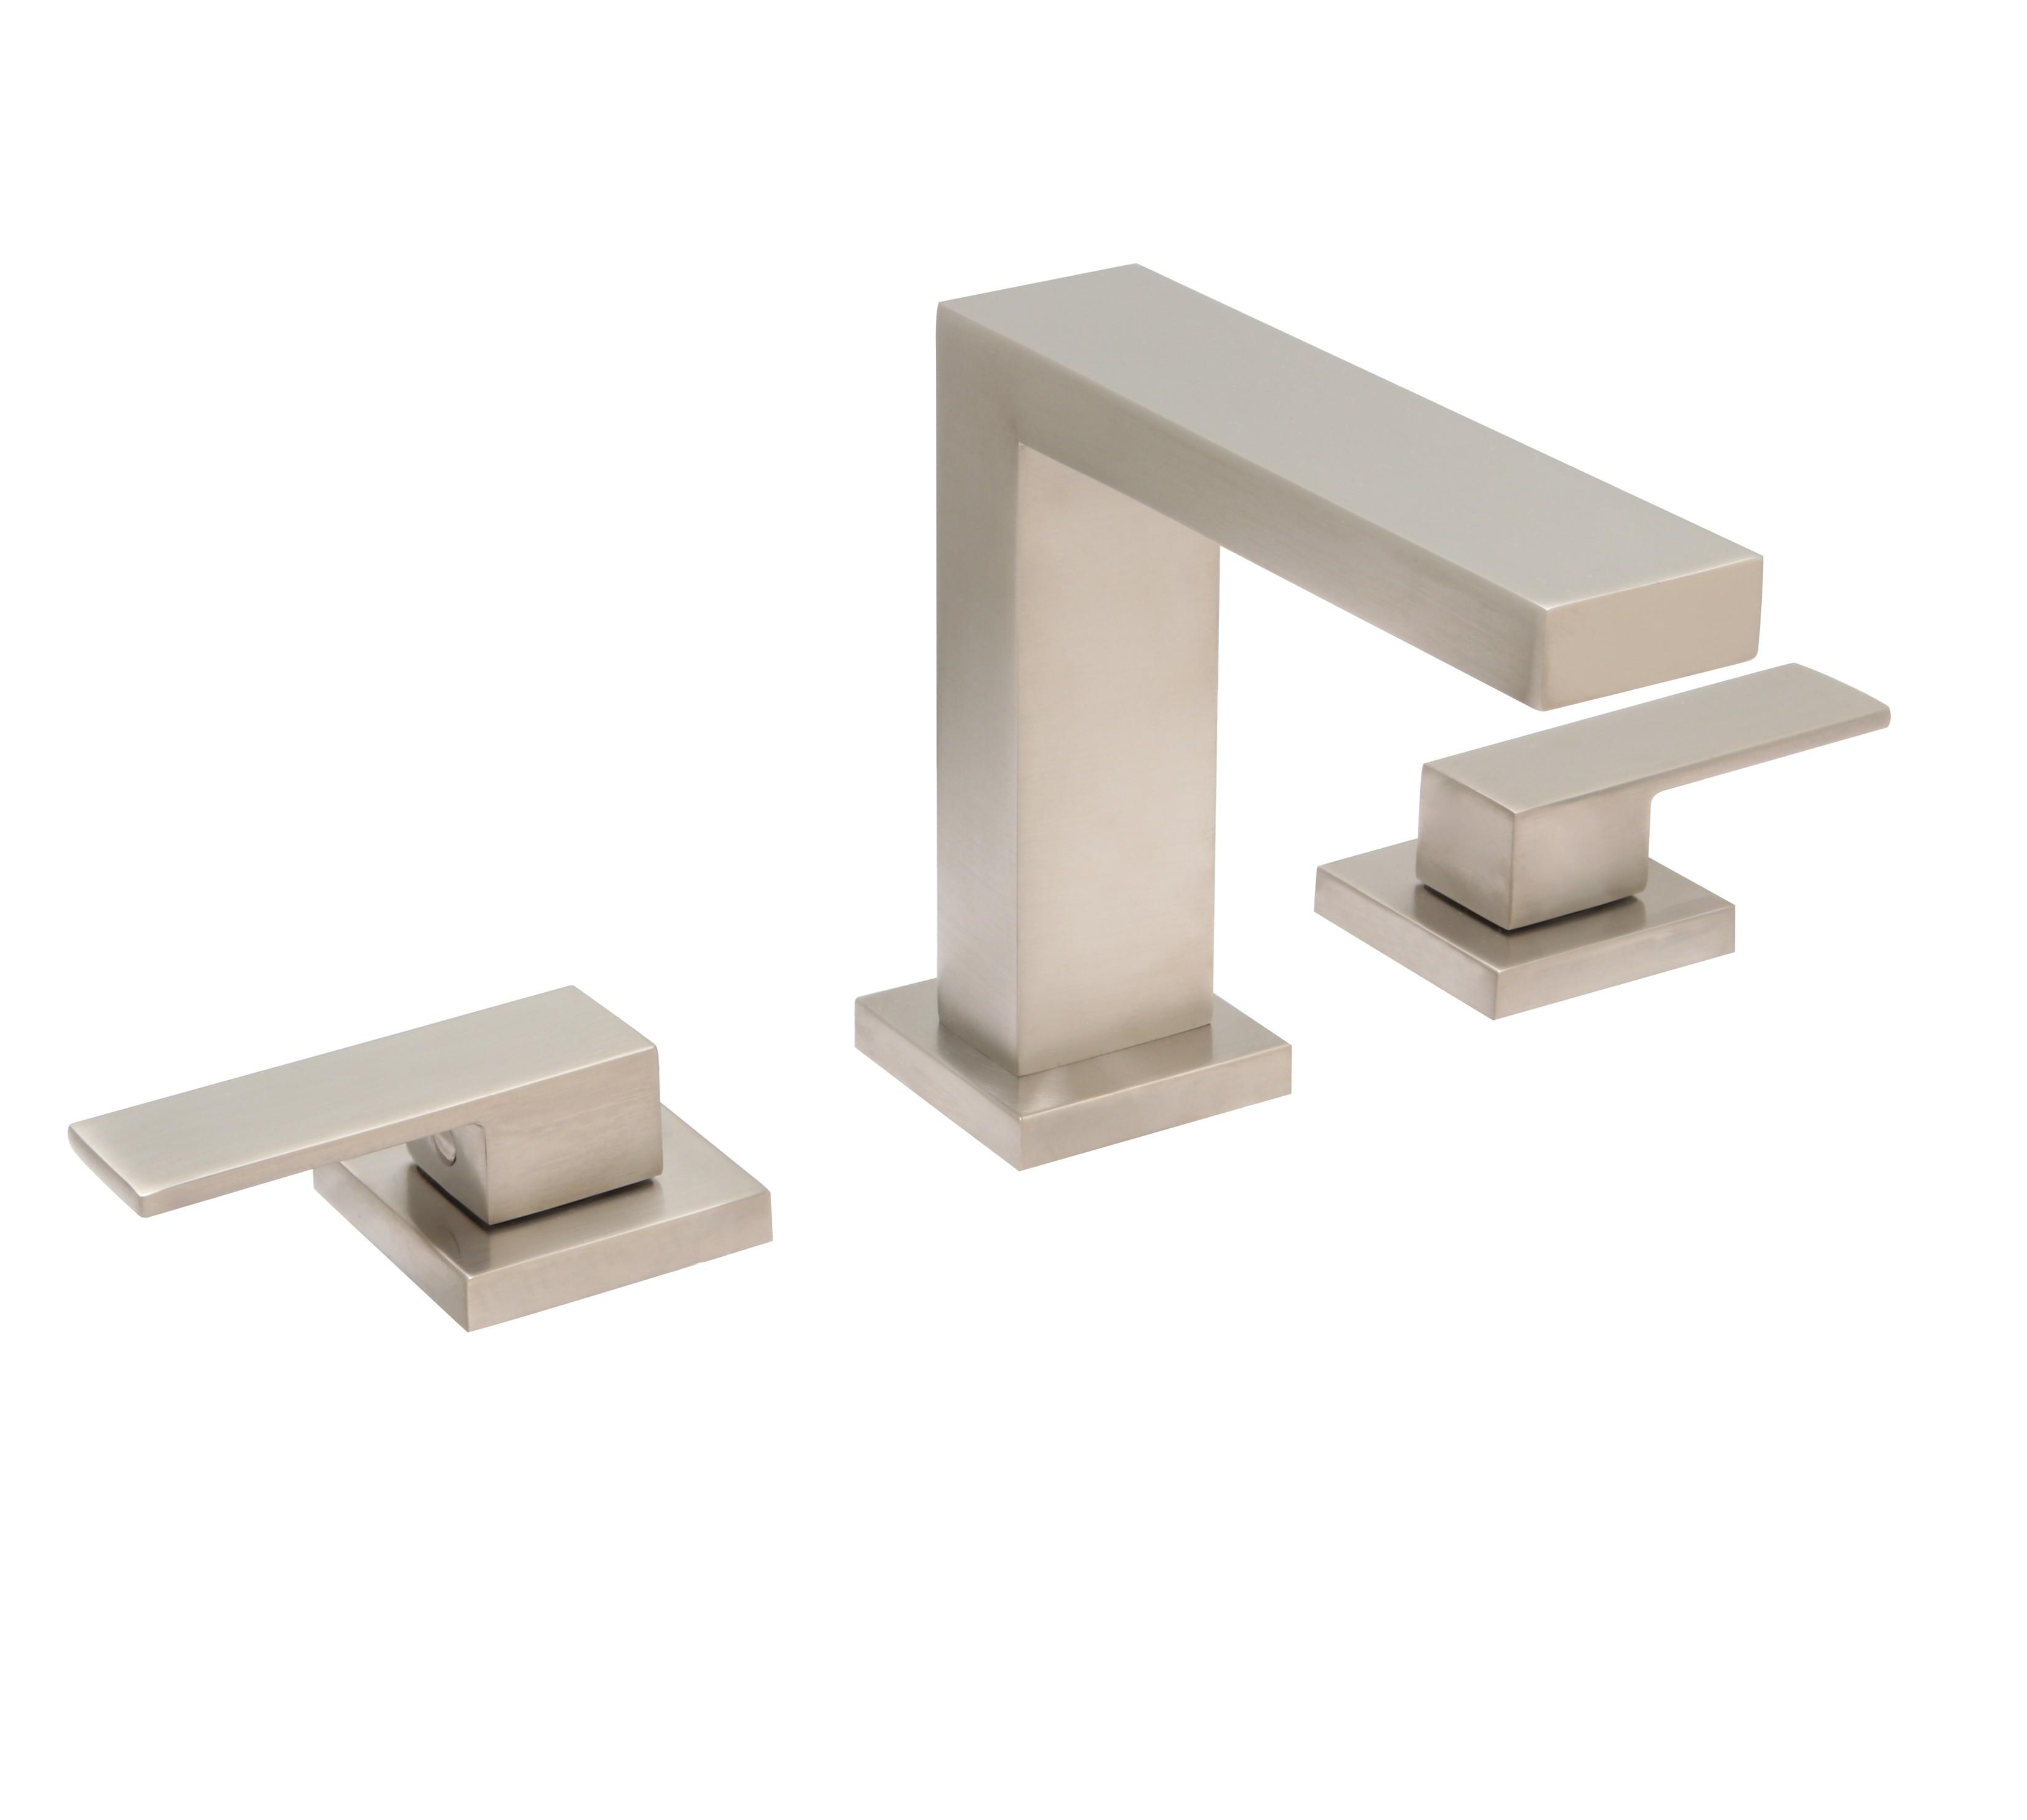 Razo Widespread Faucet W4582002-14